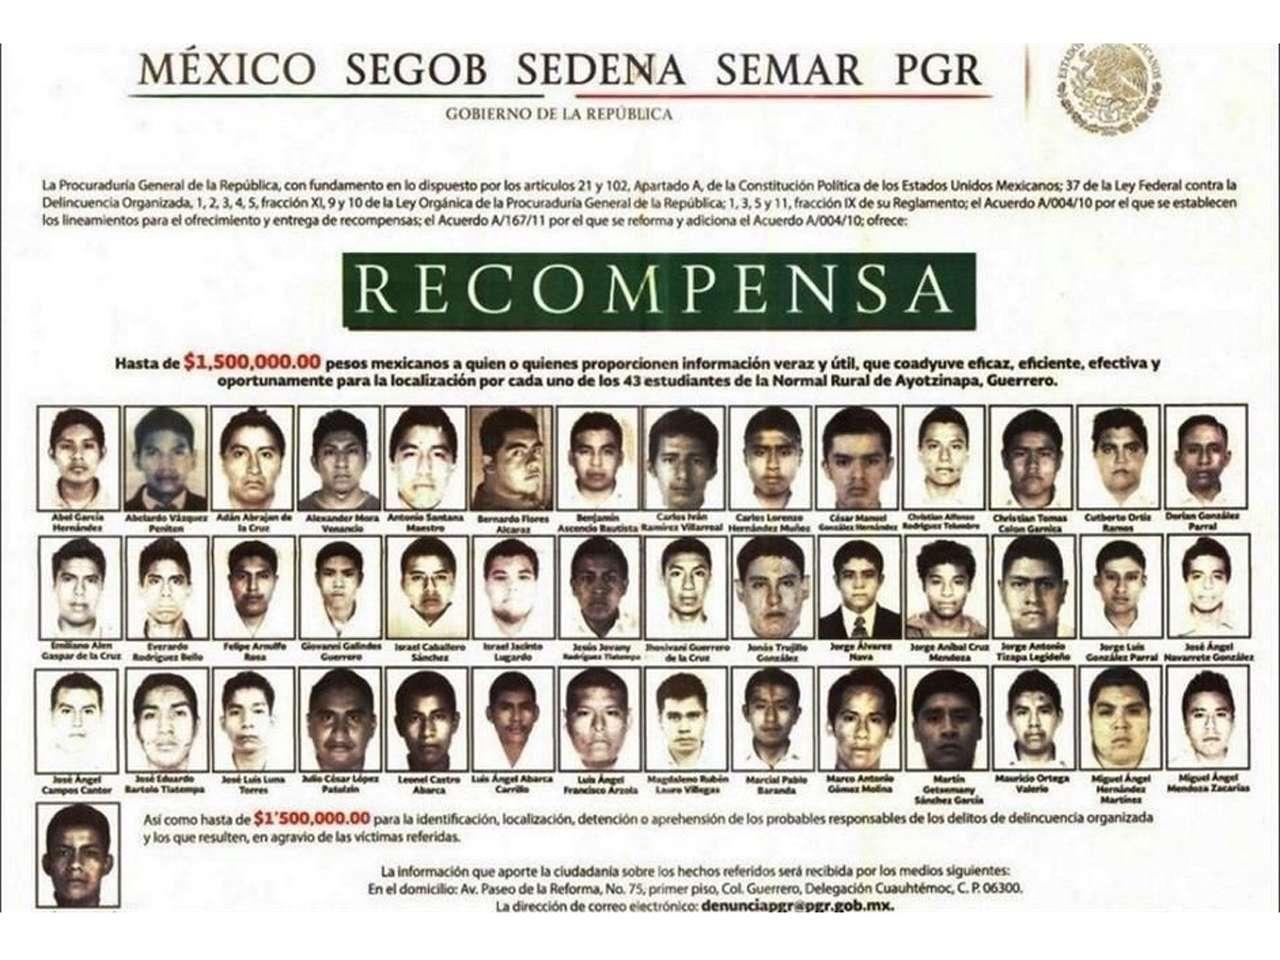 La Procuraduría General de la República ofrece 1.5 millones de pesos a quien proporcione información que coadyuve en la localización de los 43 estudiantes normalistas de Ayotzinapa. Foto: PGR